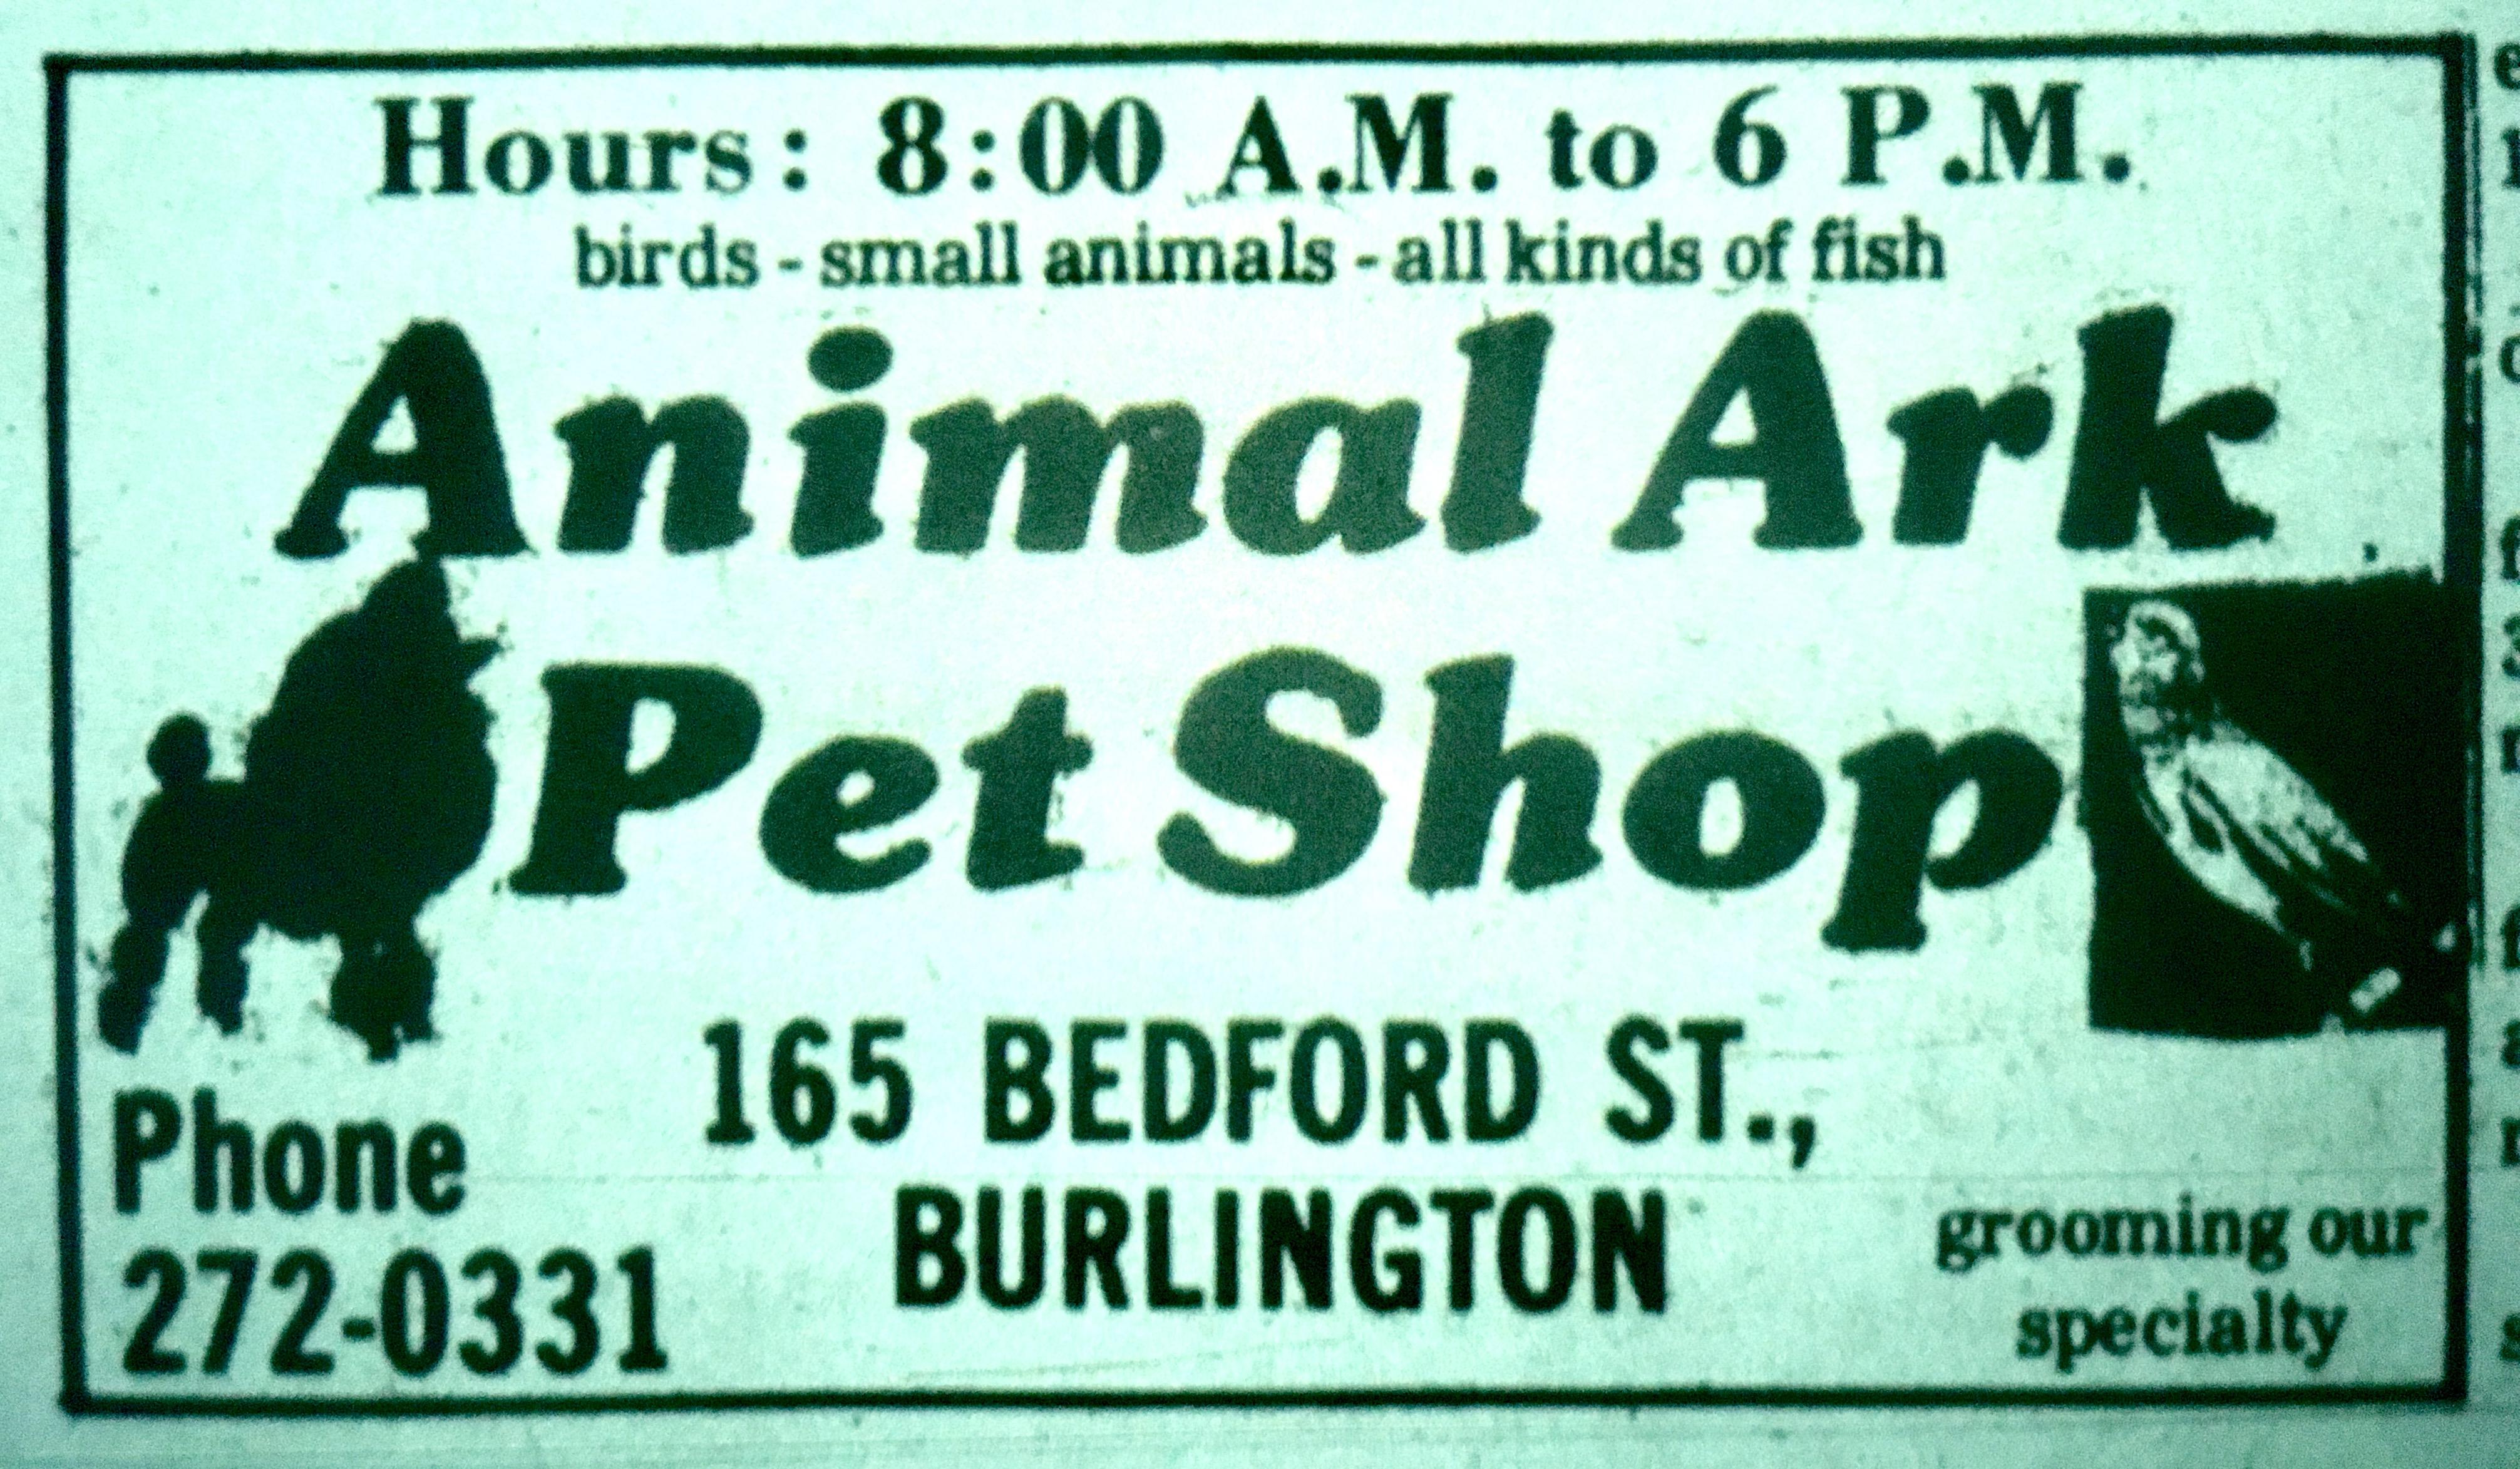 Animal Ark Pet Shop, Burlington MA